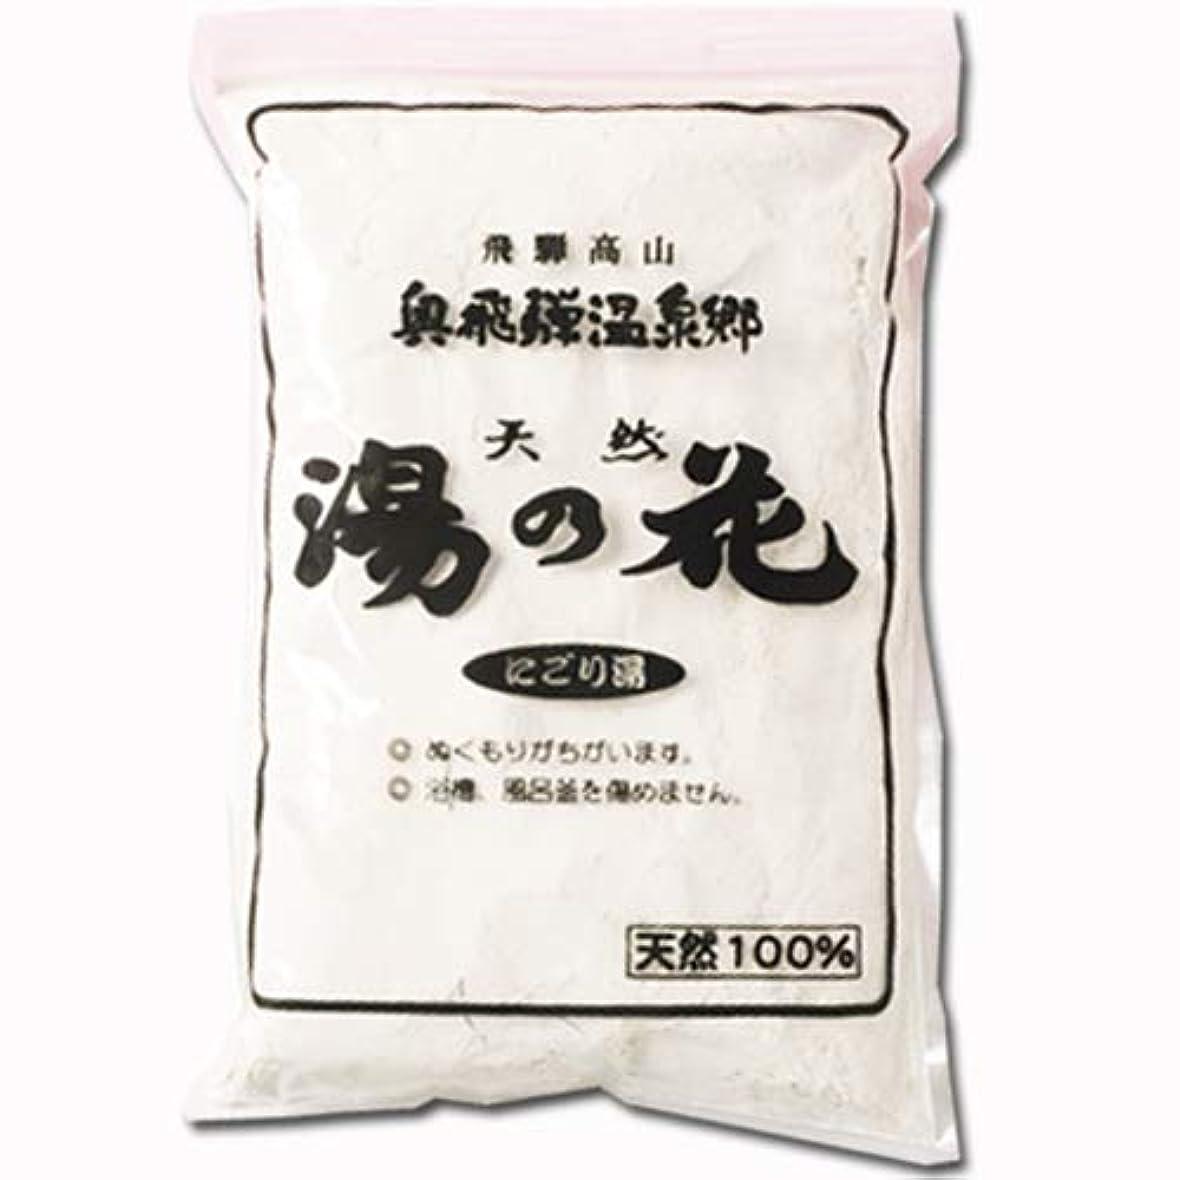 早める線貫通する天然湯の花 (業務用) 1kg (飛騨高山温泉郷 にごり湯)